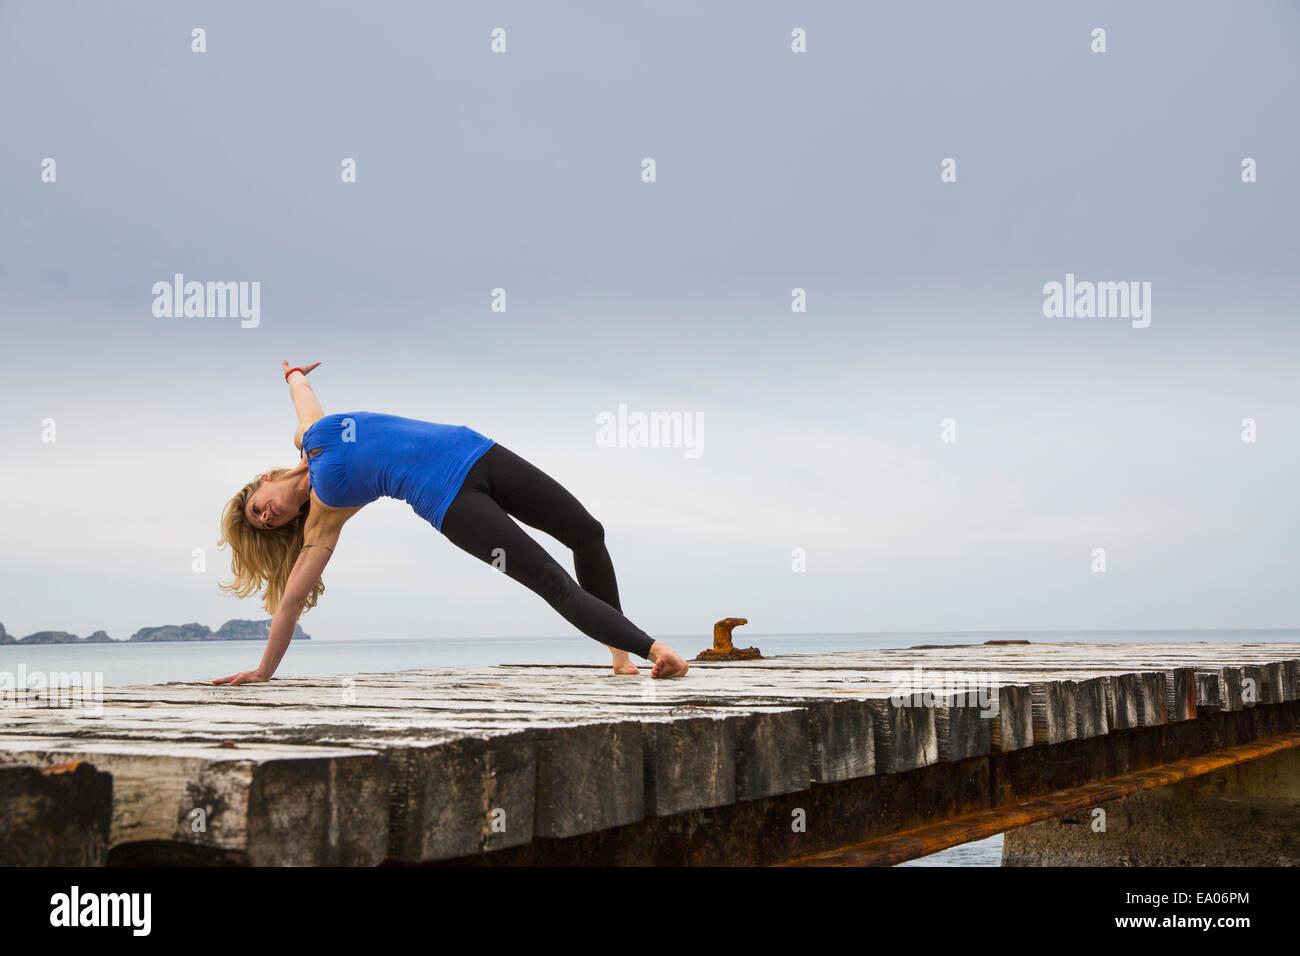 Mitad mujer adulta practicando yoga se mueven en Mar del muelle de madera Imagen De Stock